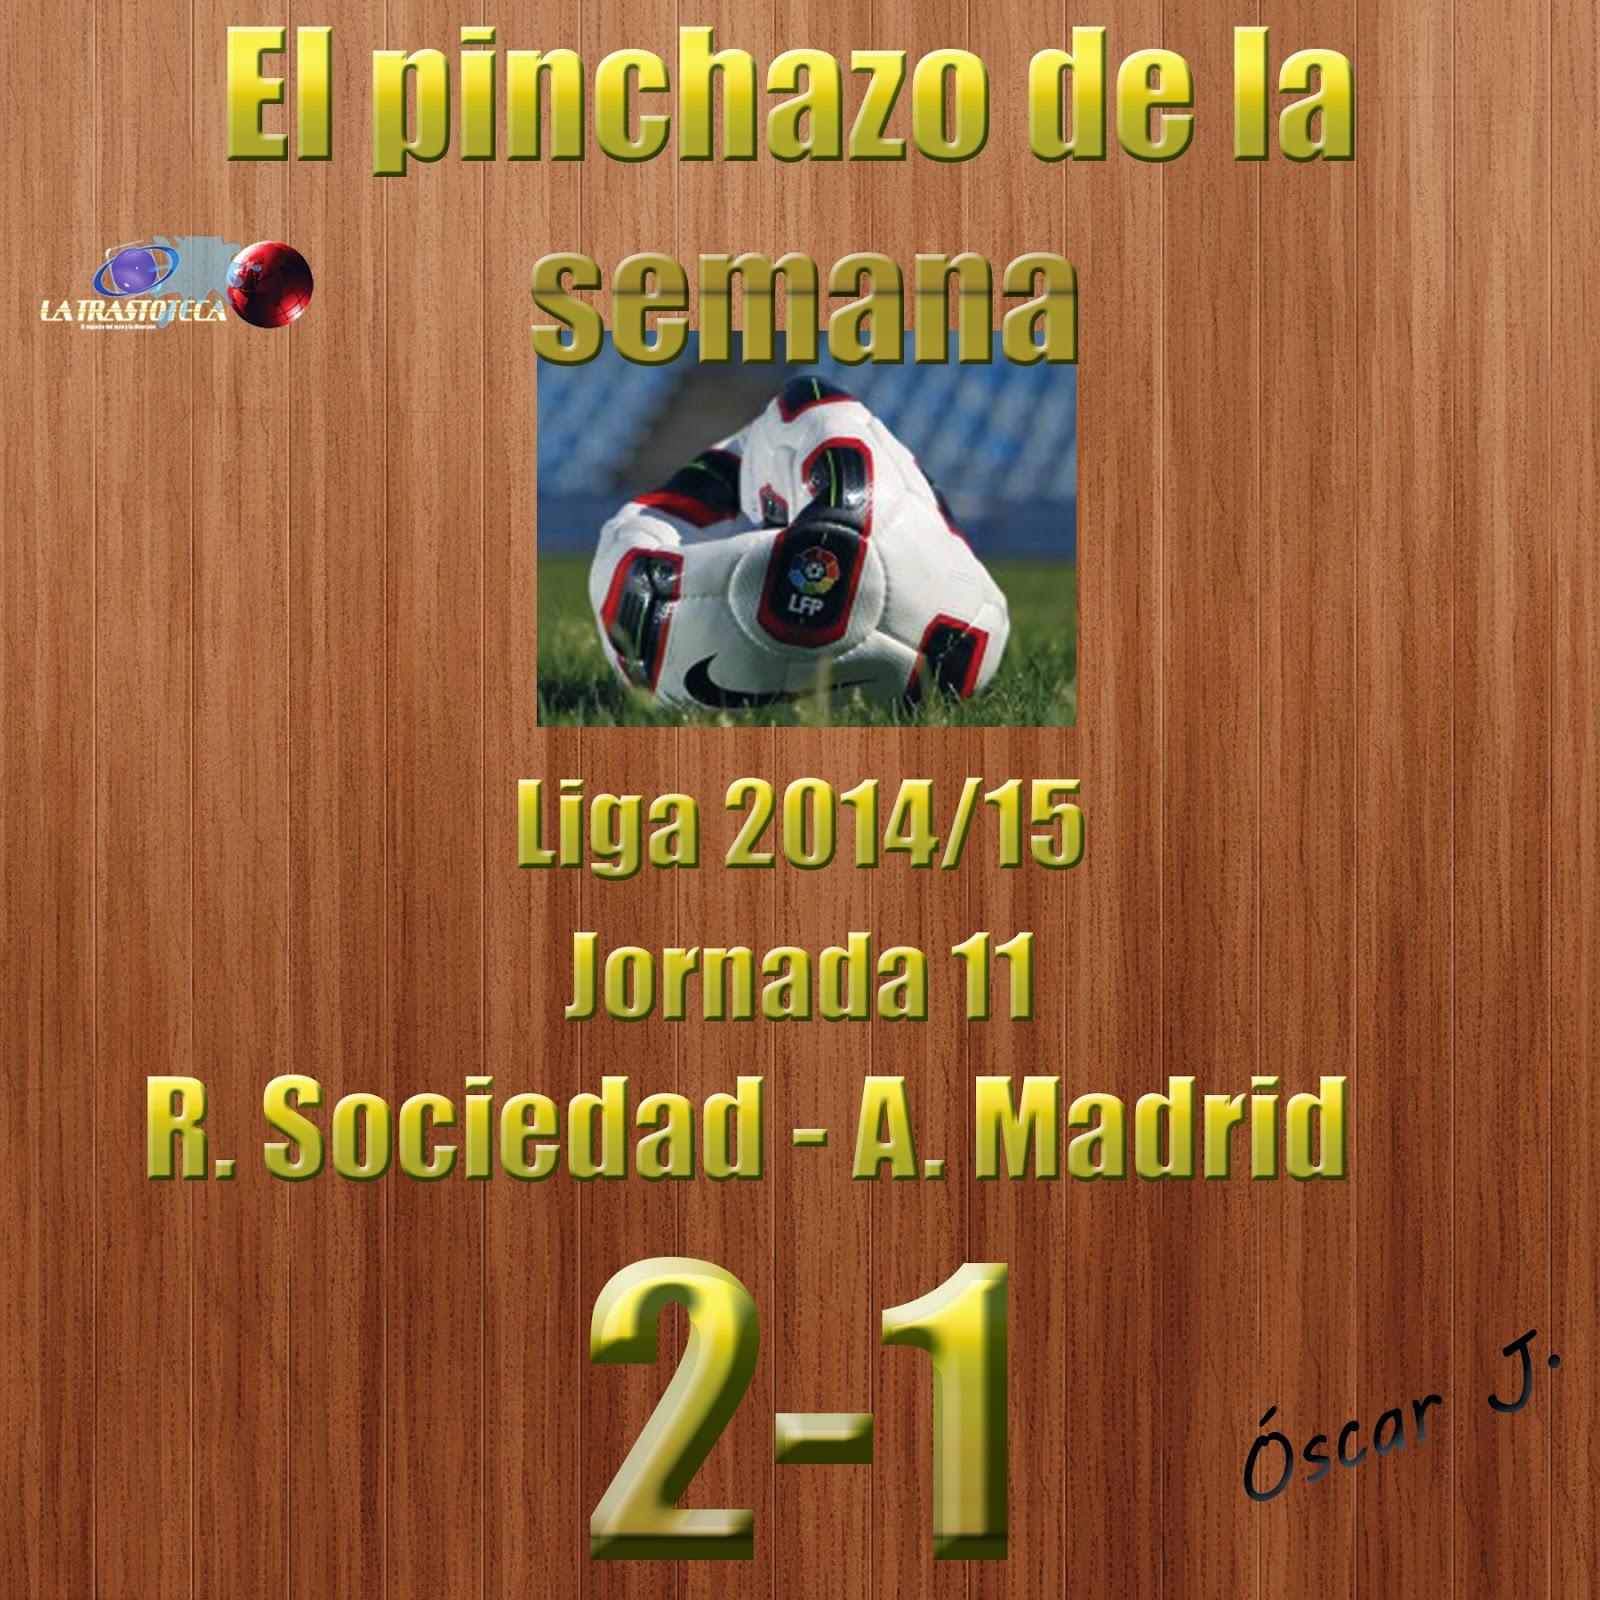 Real Sociedad 2-1 Atlético de Madrid. Liga 2014/15 - Jornada 11. El pinchazo de la semana.